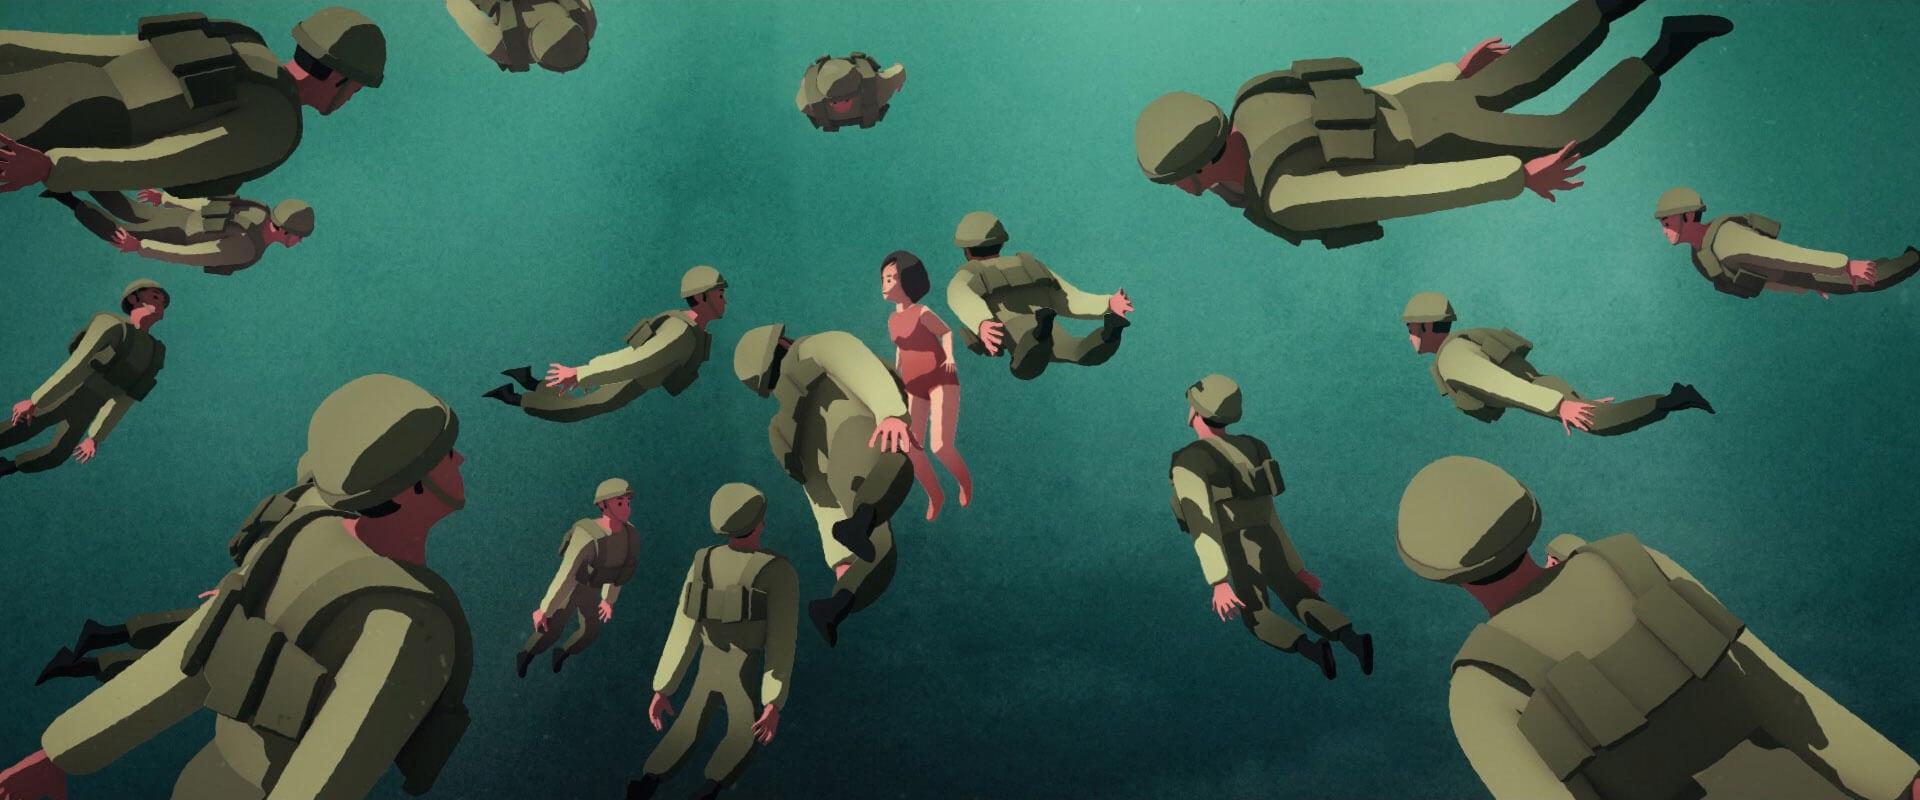 רותם שפירא, כולם כל כך שקטים פתאום, פרט, 2019, אנימציה